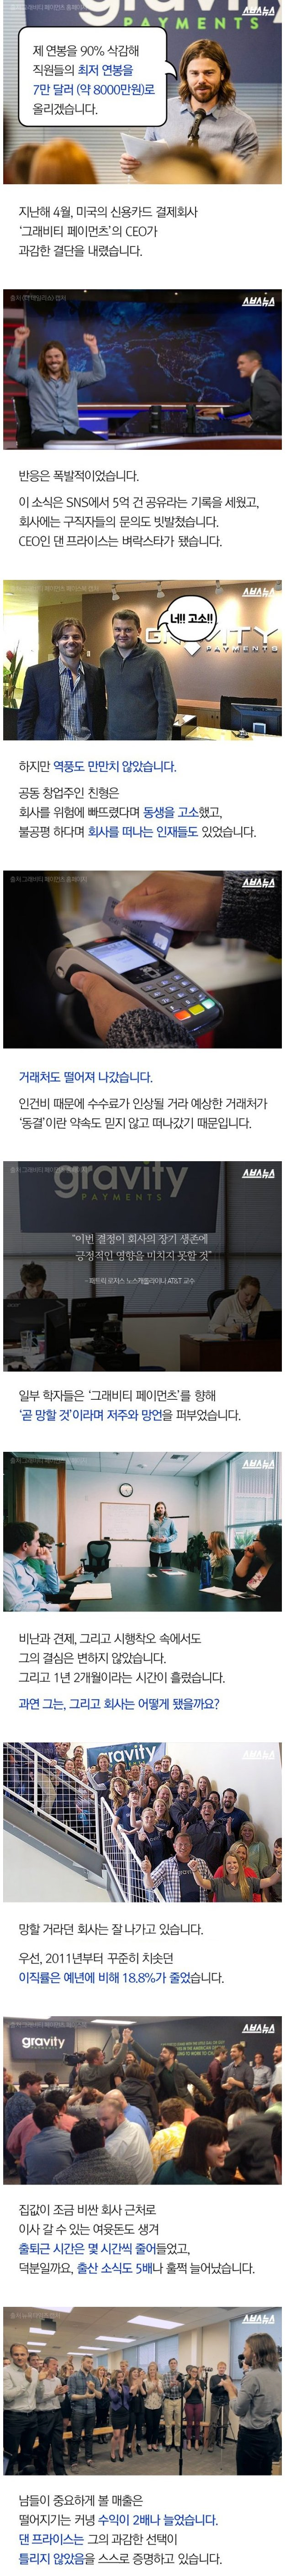 5.jpg 윤서인 선동만화의 진실....JPG